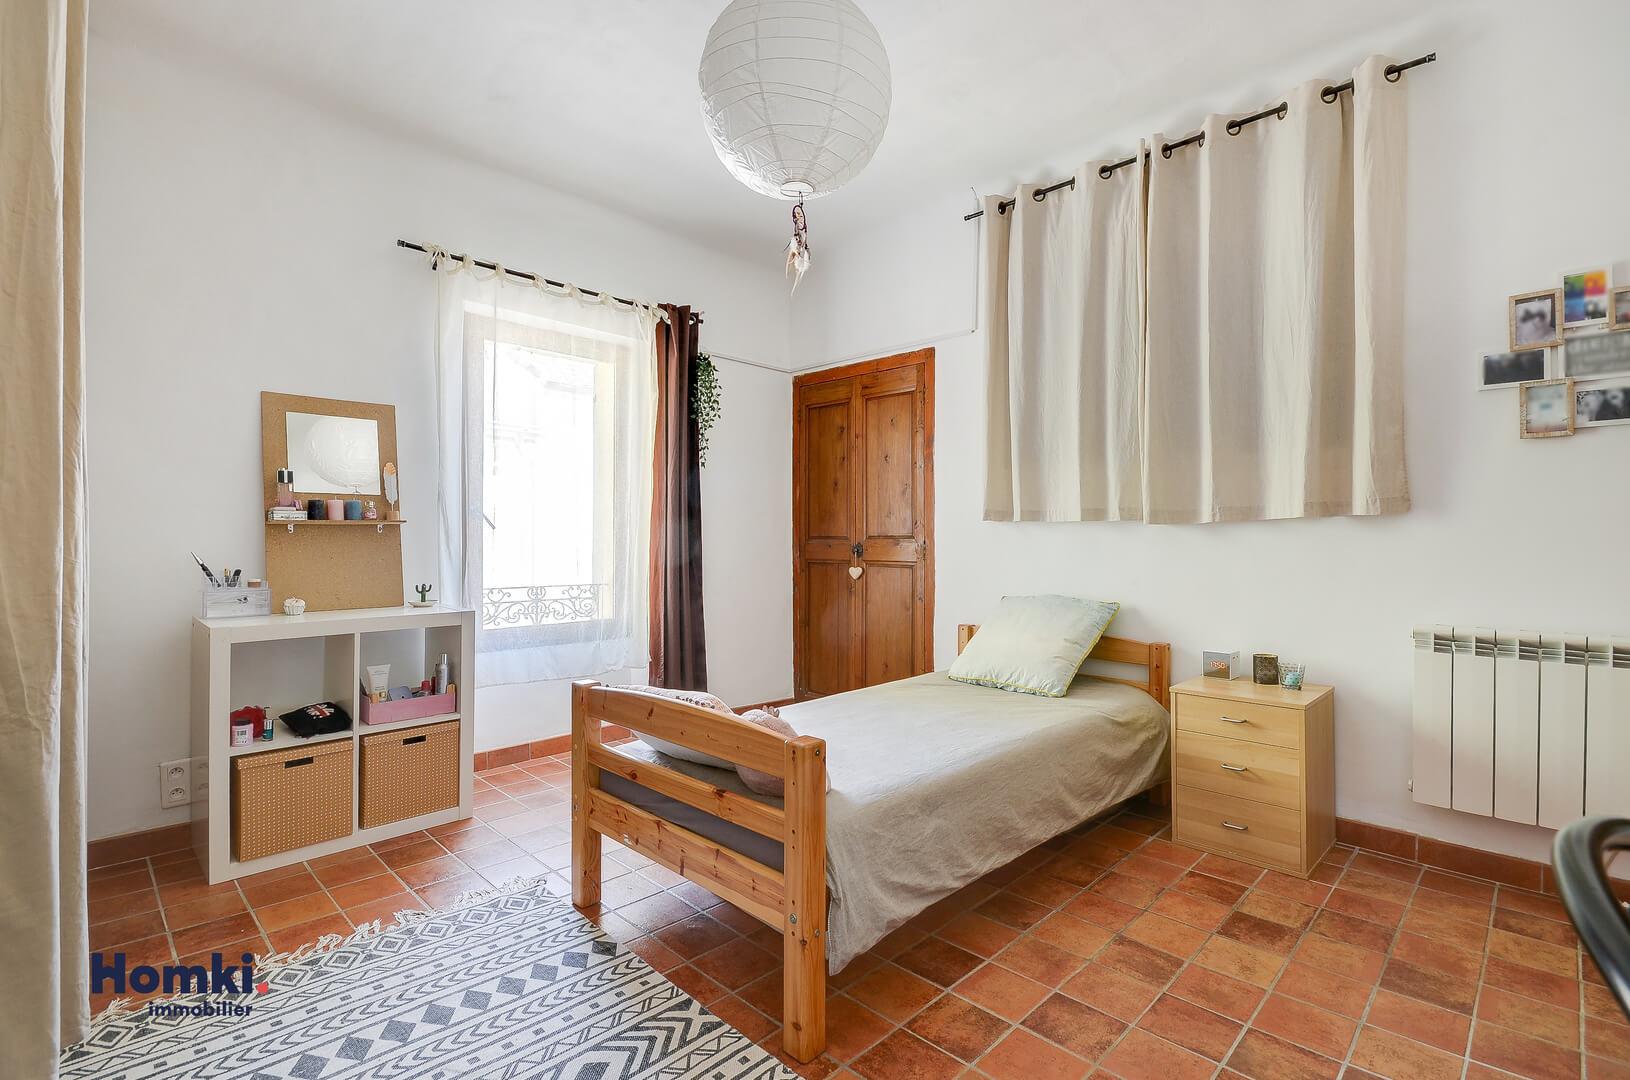 Vente Maison 70 m² T3 13290 Aix en Provence_7